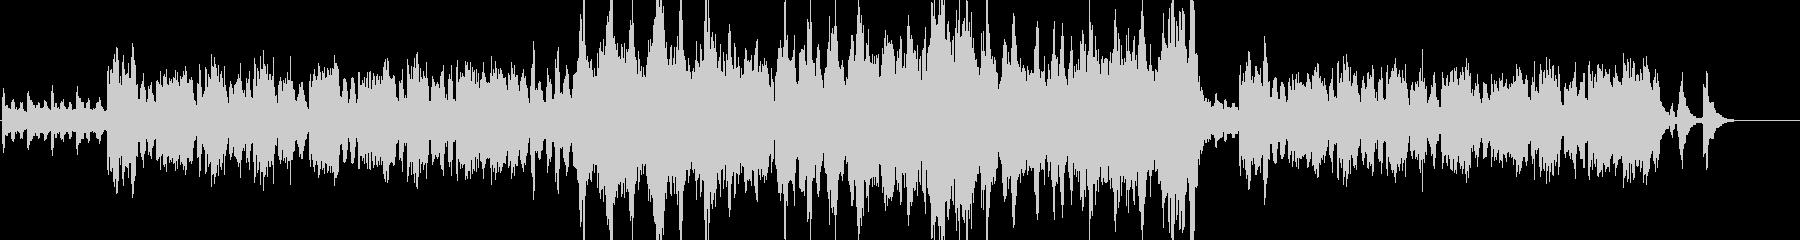 フルート・ほのぼの・優雅の未再生の波形